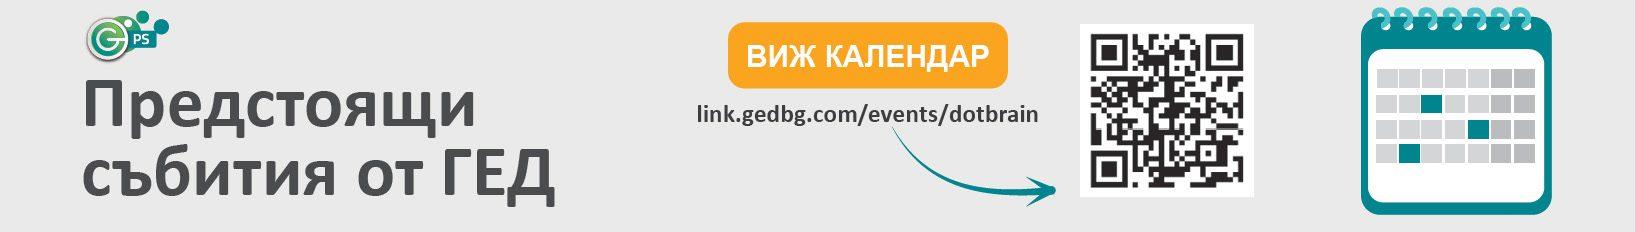 предстоящи събития ГЕД